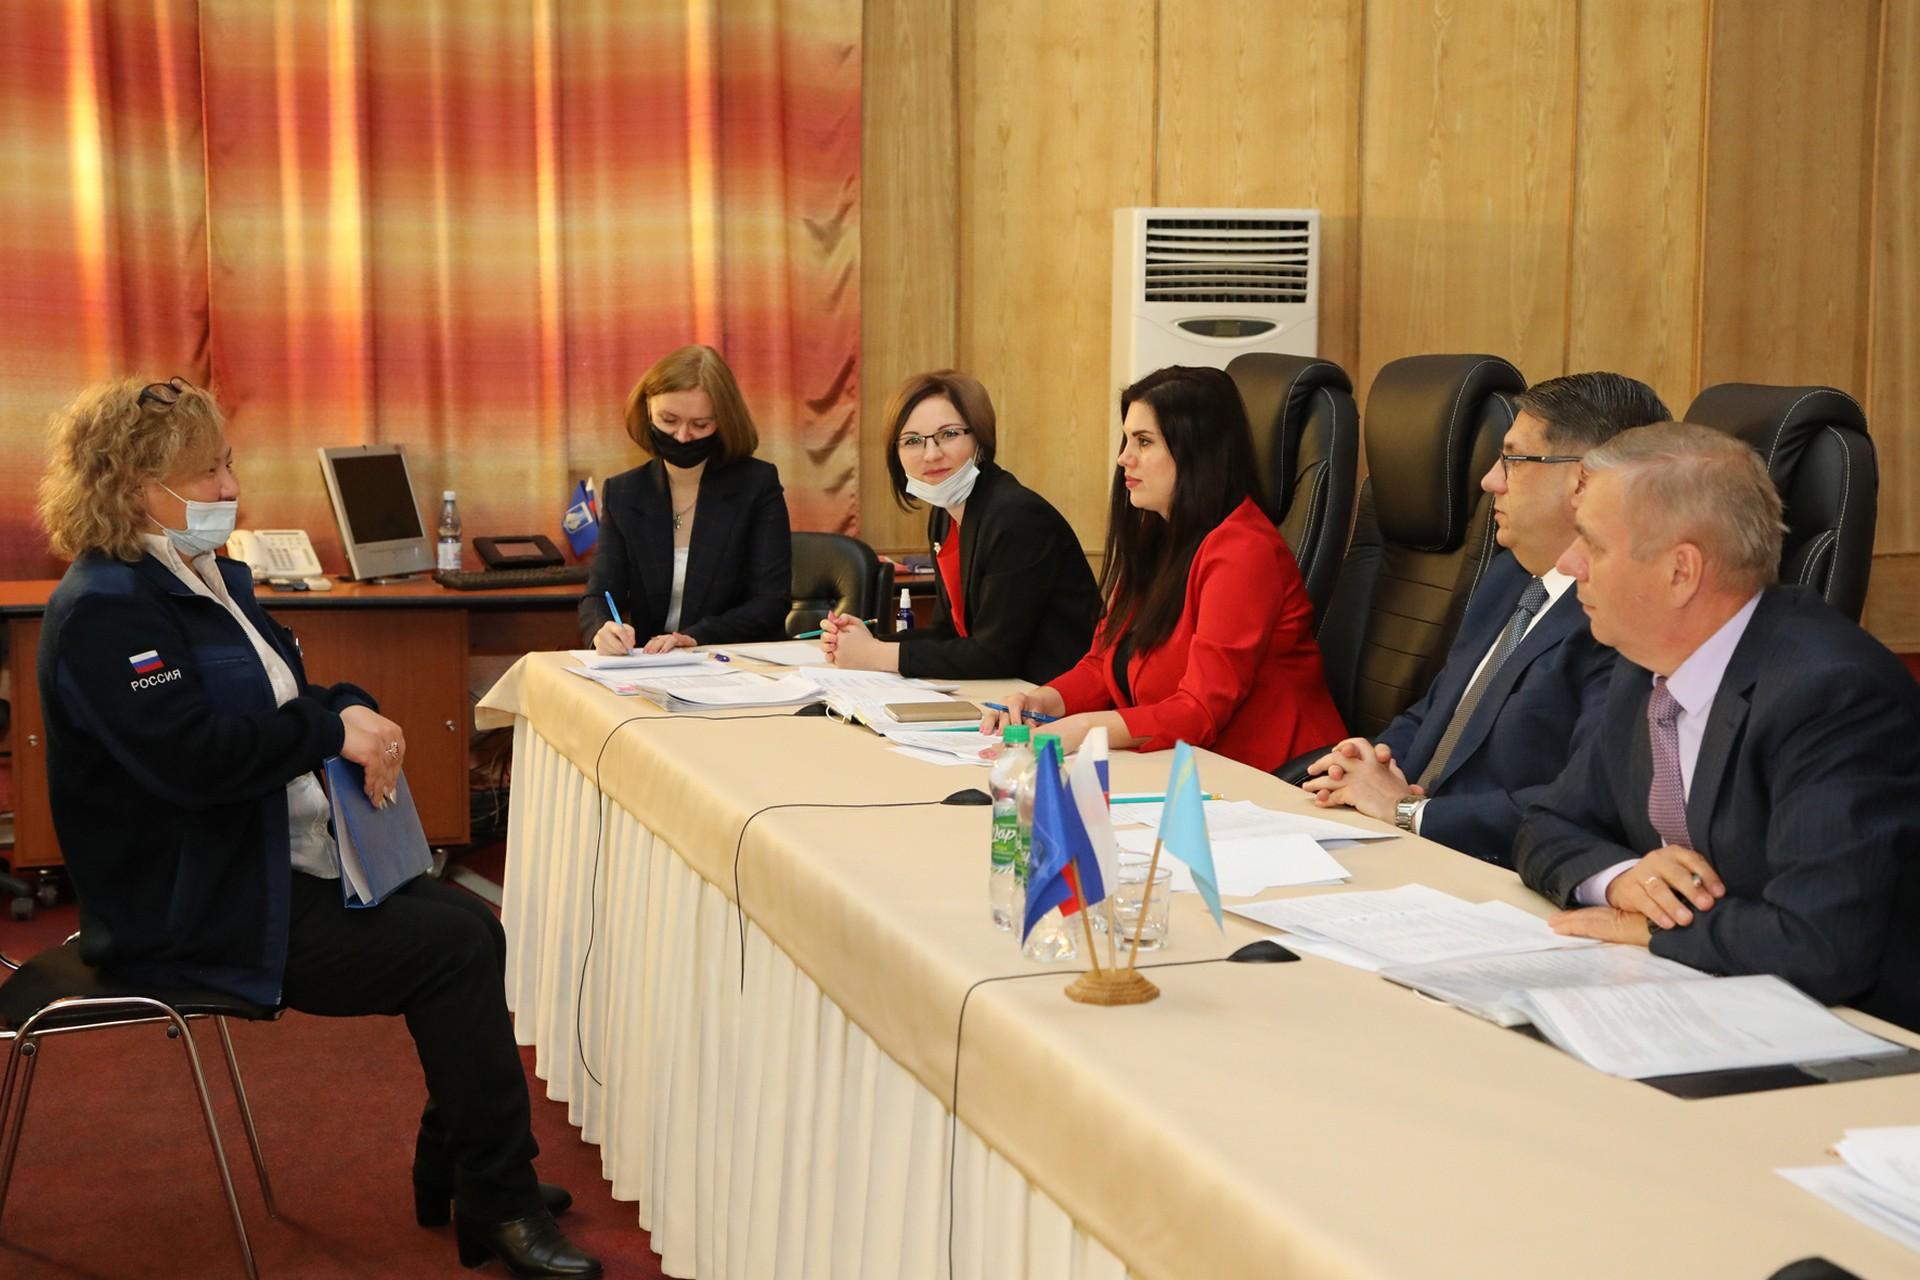 Администрация города Байконура проводит аттестацию муниципальных служащих